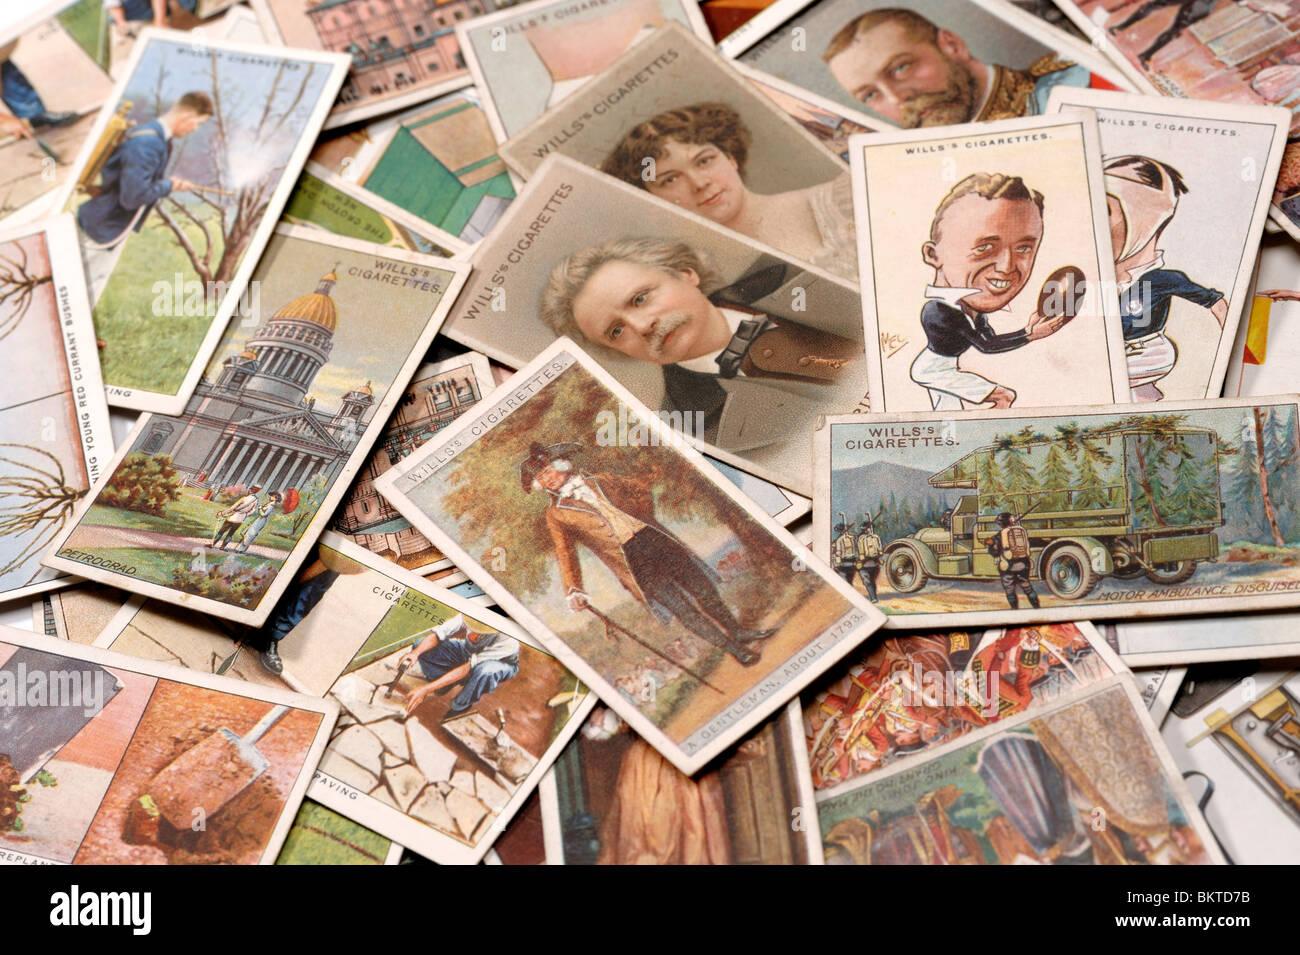 Cigarette Cards Photo Stock